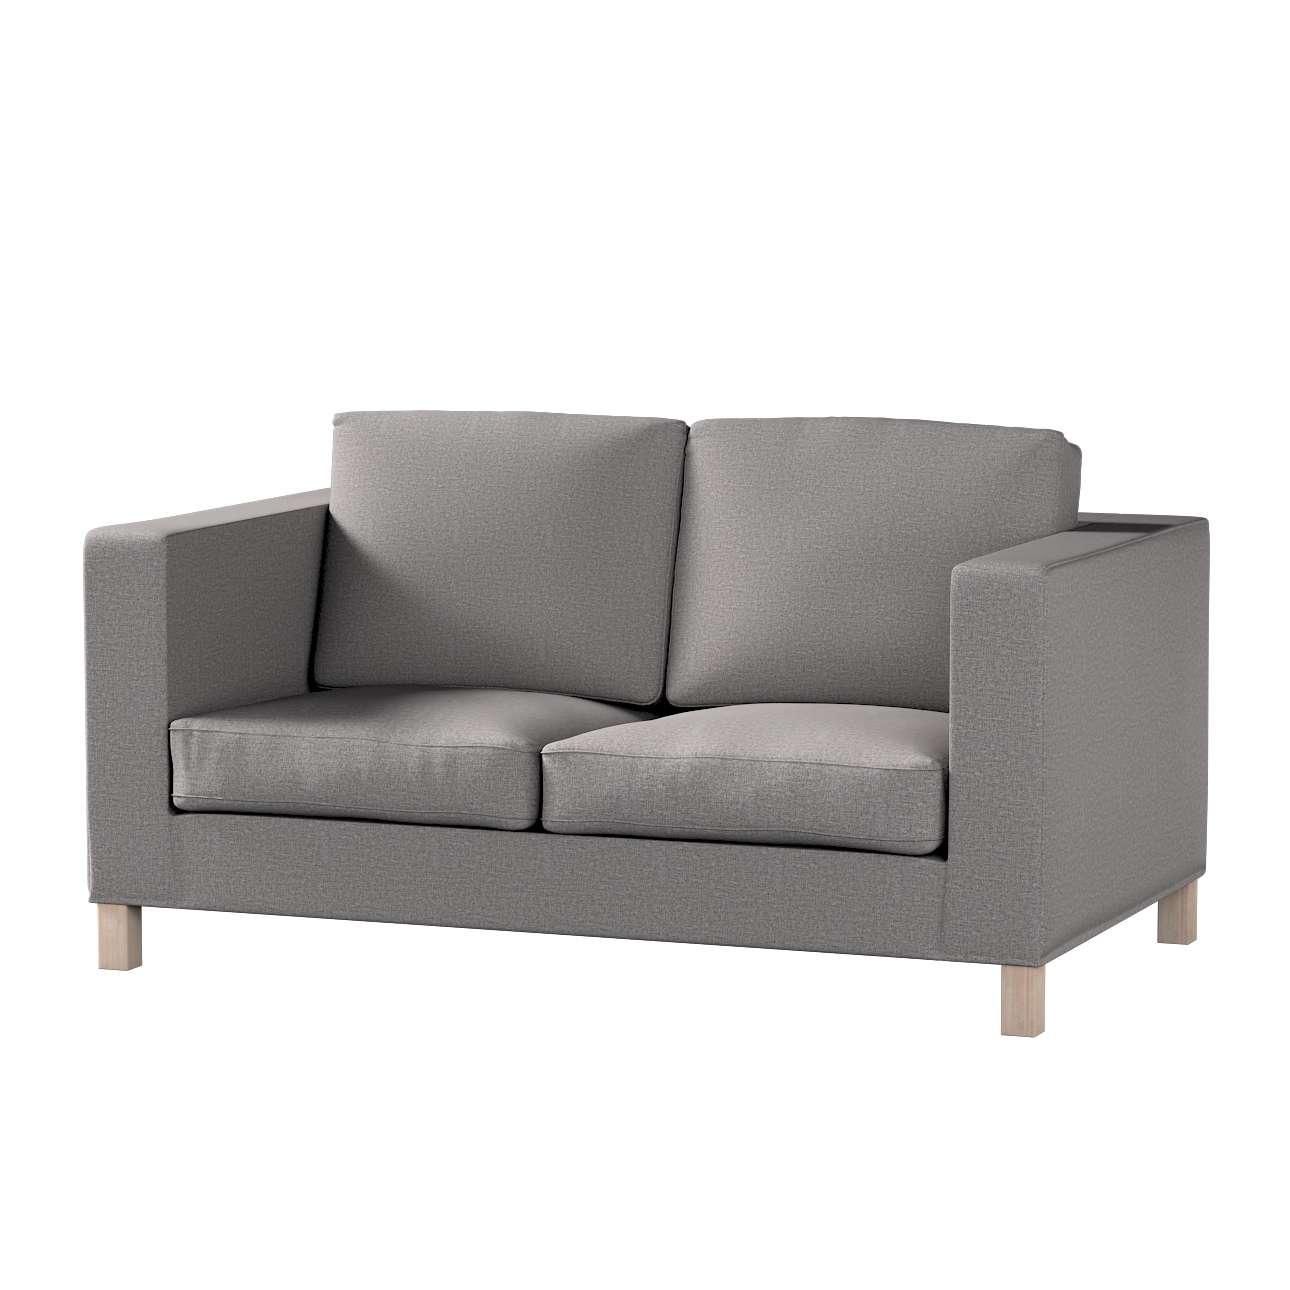 Pokrowiec na sofę Karlanda 2-osobową nierozkładaną, krótki Sofa Karlanda 2-os w kolekcji Edinburgh, tkanina: 115-81